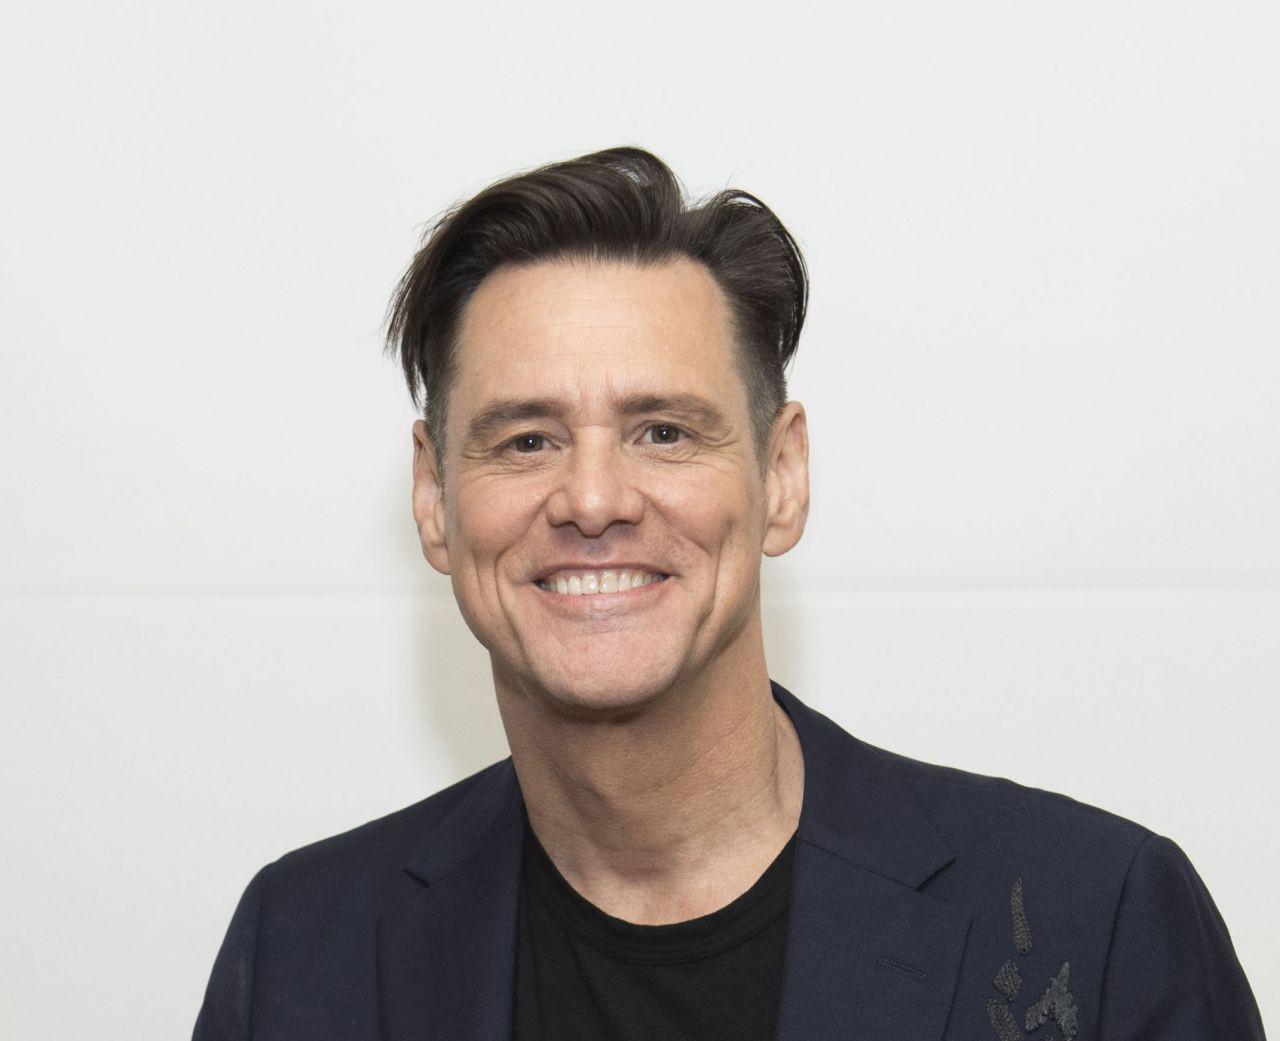 Jim Carrey'den Can Yaman esintileri: Cinsel içerikli şaka tepki gördü - Sayfa 3